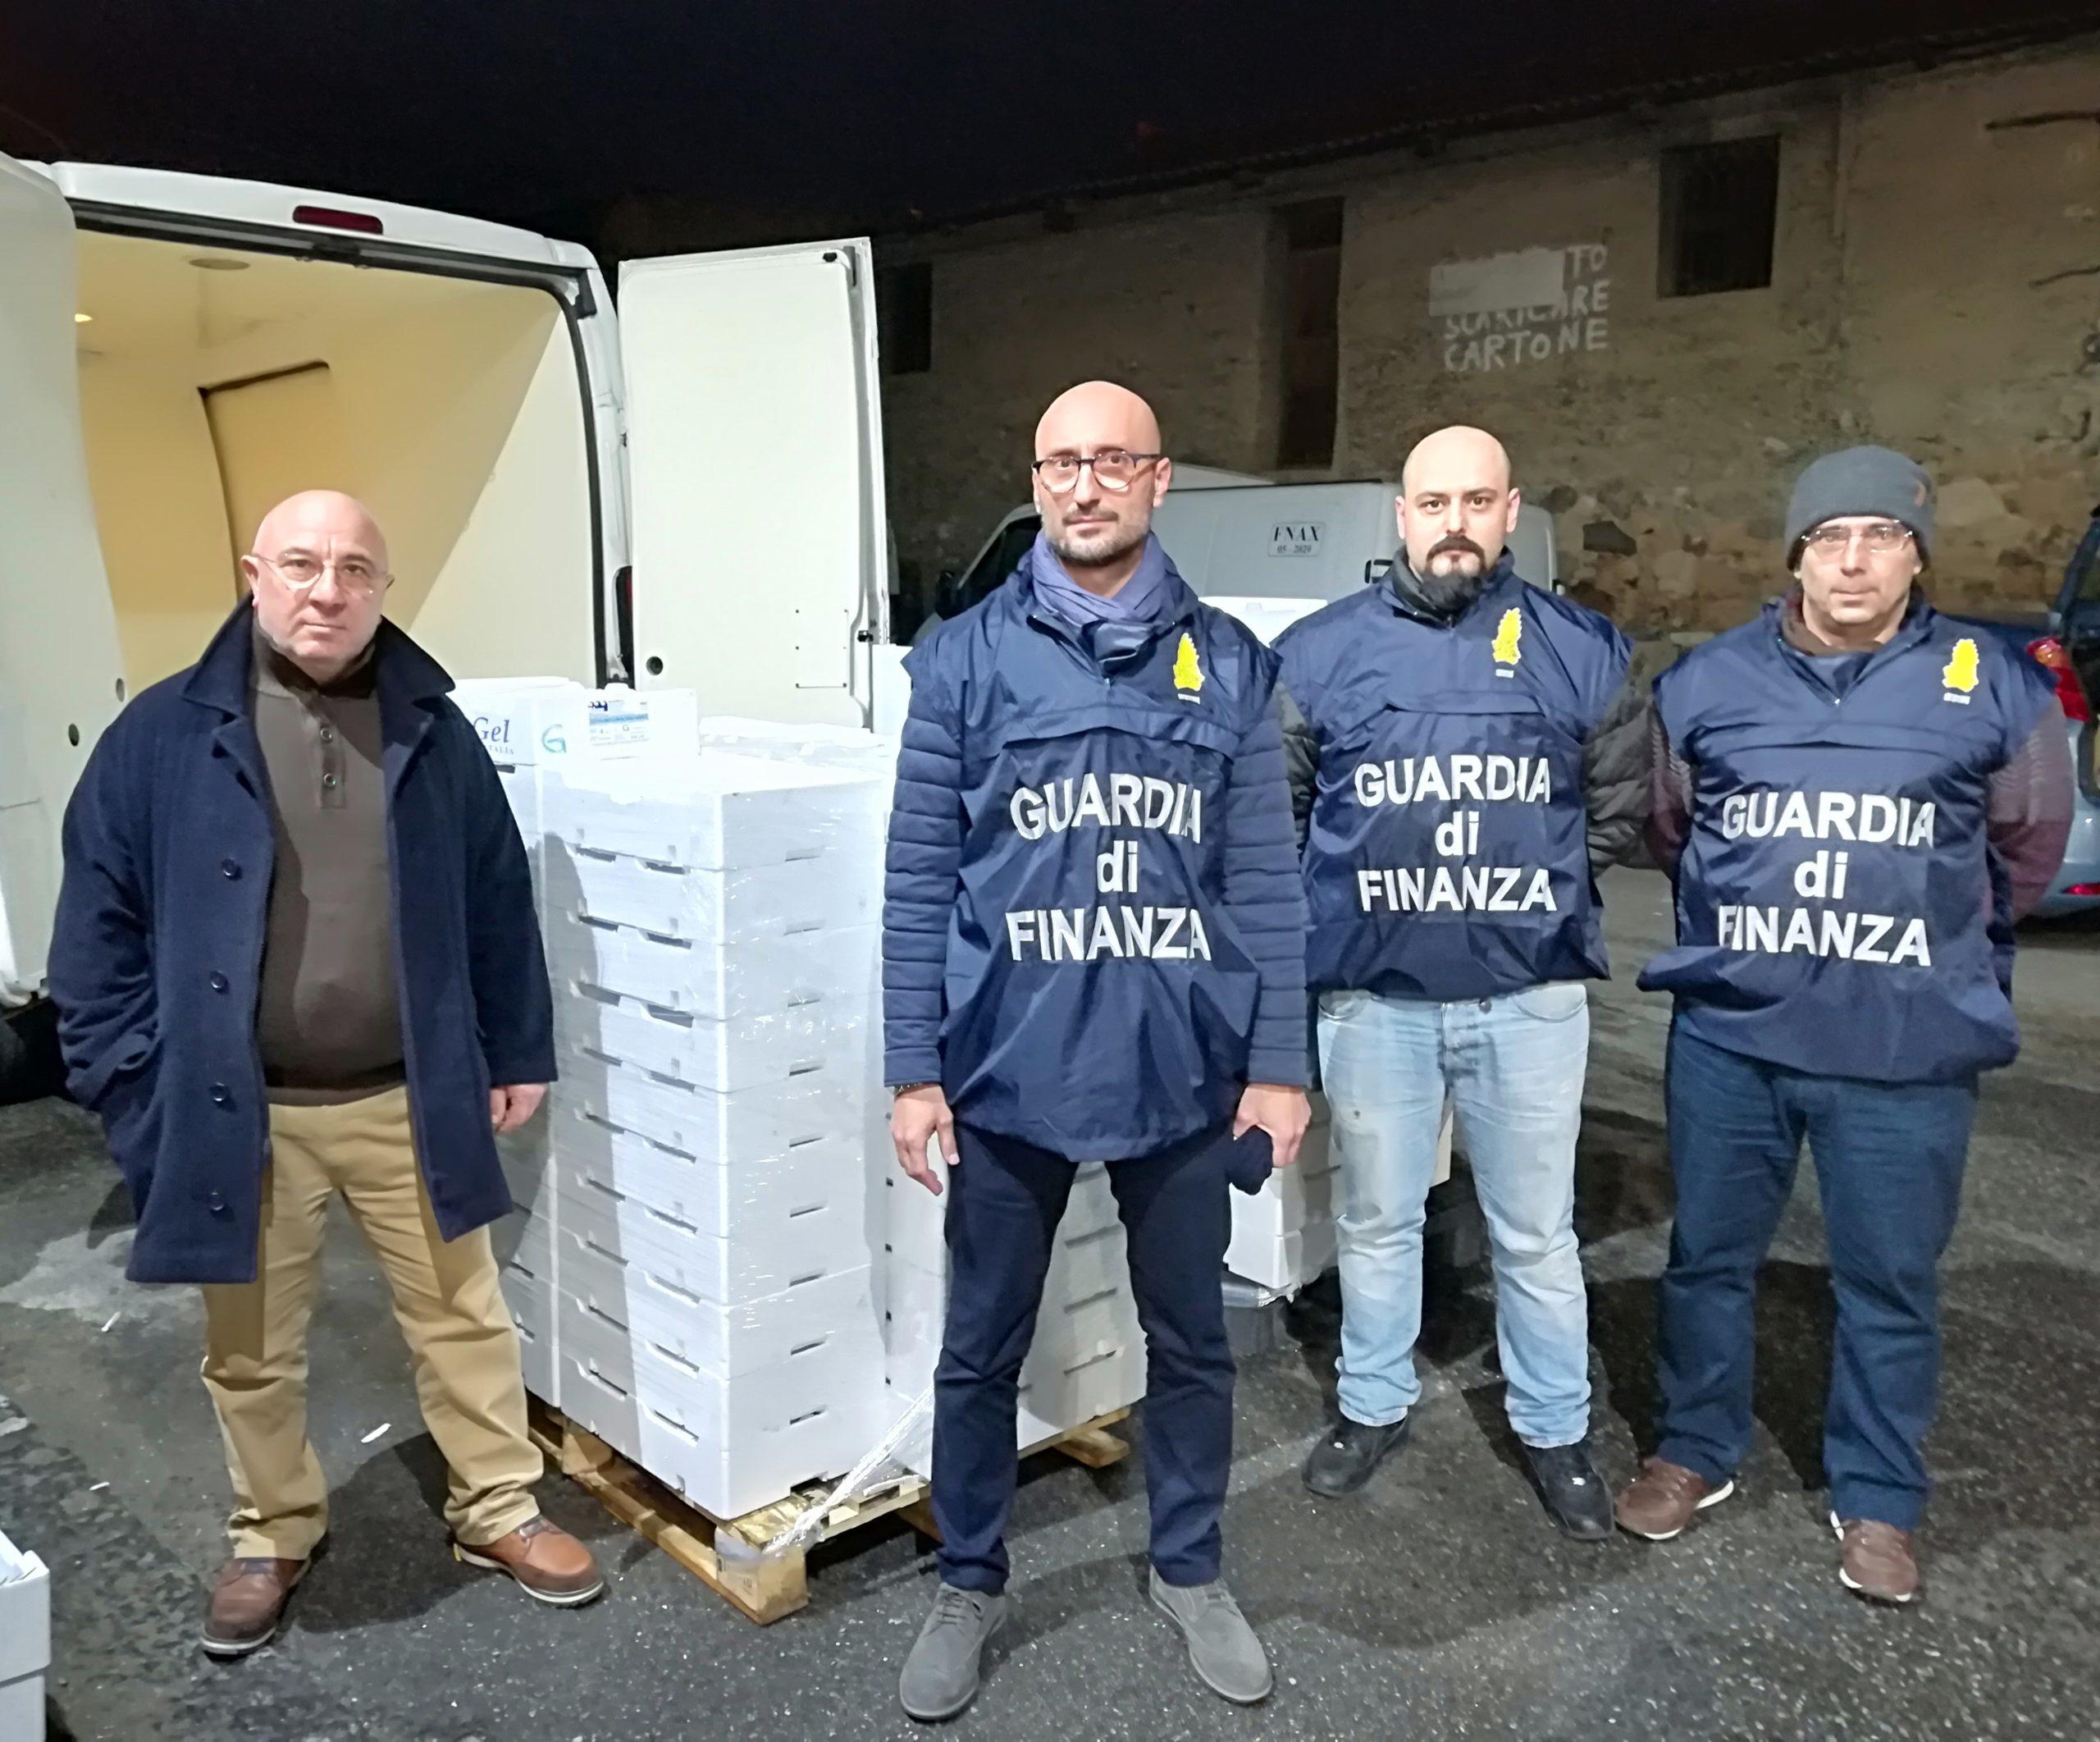 Messina. Pesca illegale: sequestrati e poi donati in beneficenza sette quintali di novellame